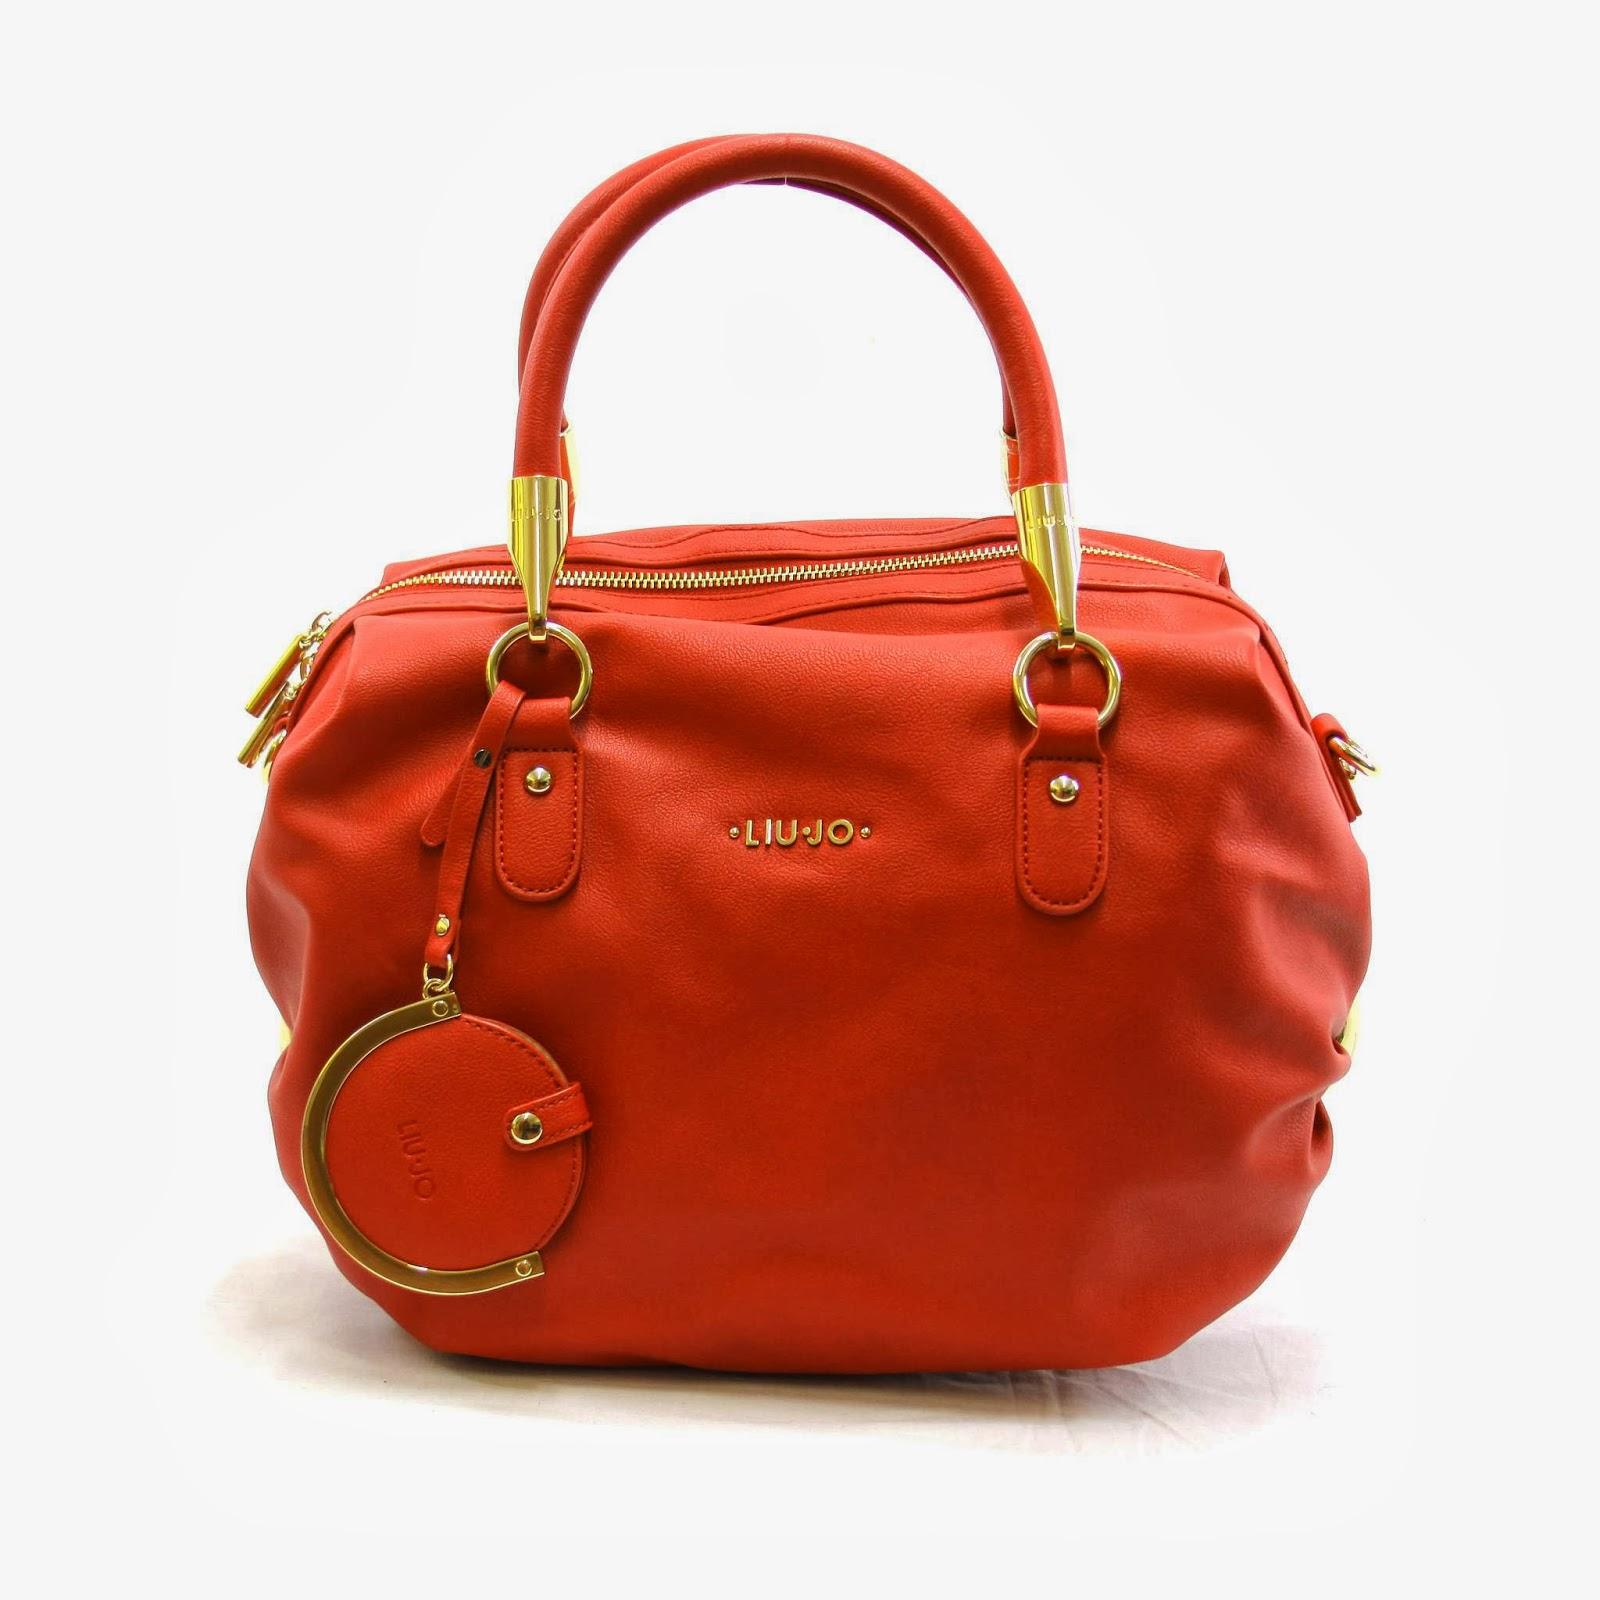 buy online 87ebf 4fd9d IDEE REGALO...VEDERLI E' VOLERLI: La nuova borsa da donna ...